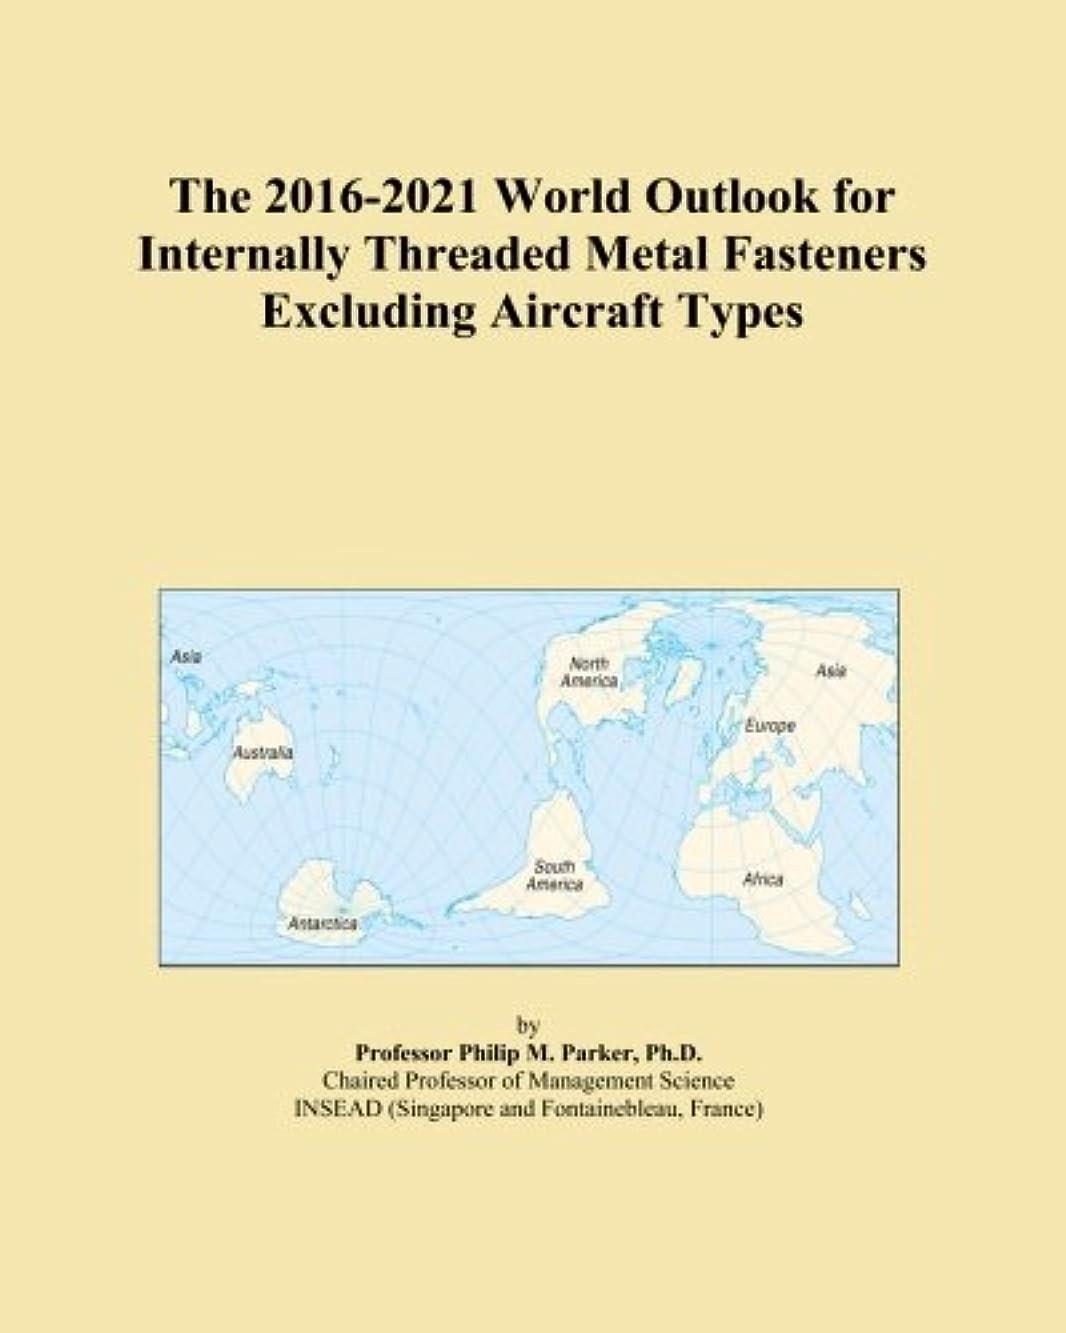 思われる混乱させる顕現The 2016-2021 World Outlook for Internally Threaded Metal Fasteners Excluding Aircraft Types